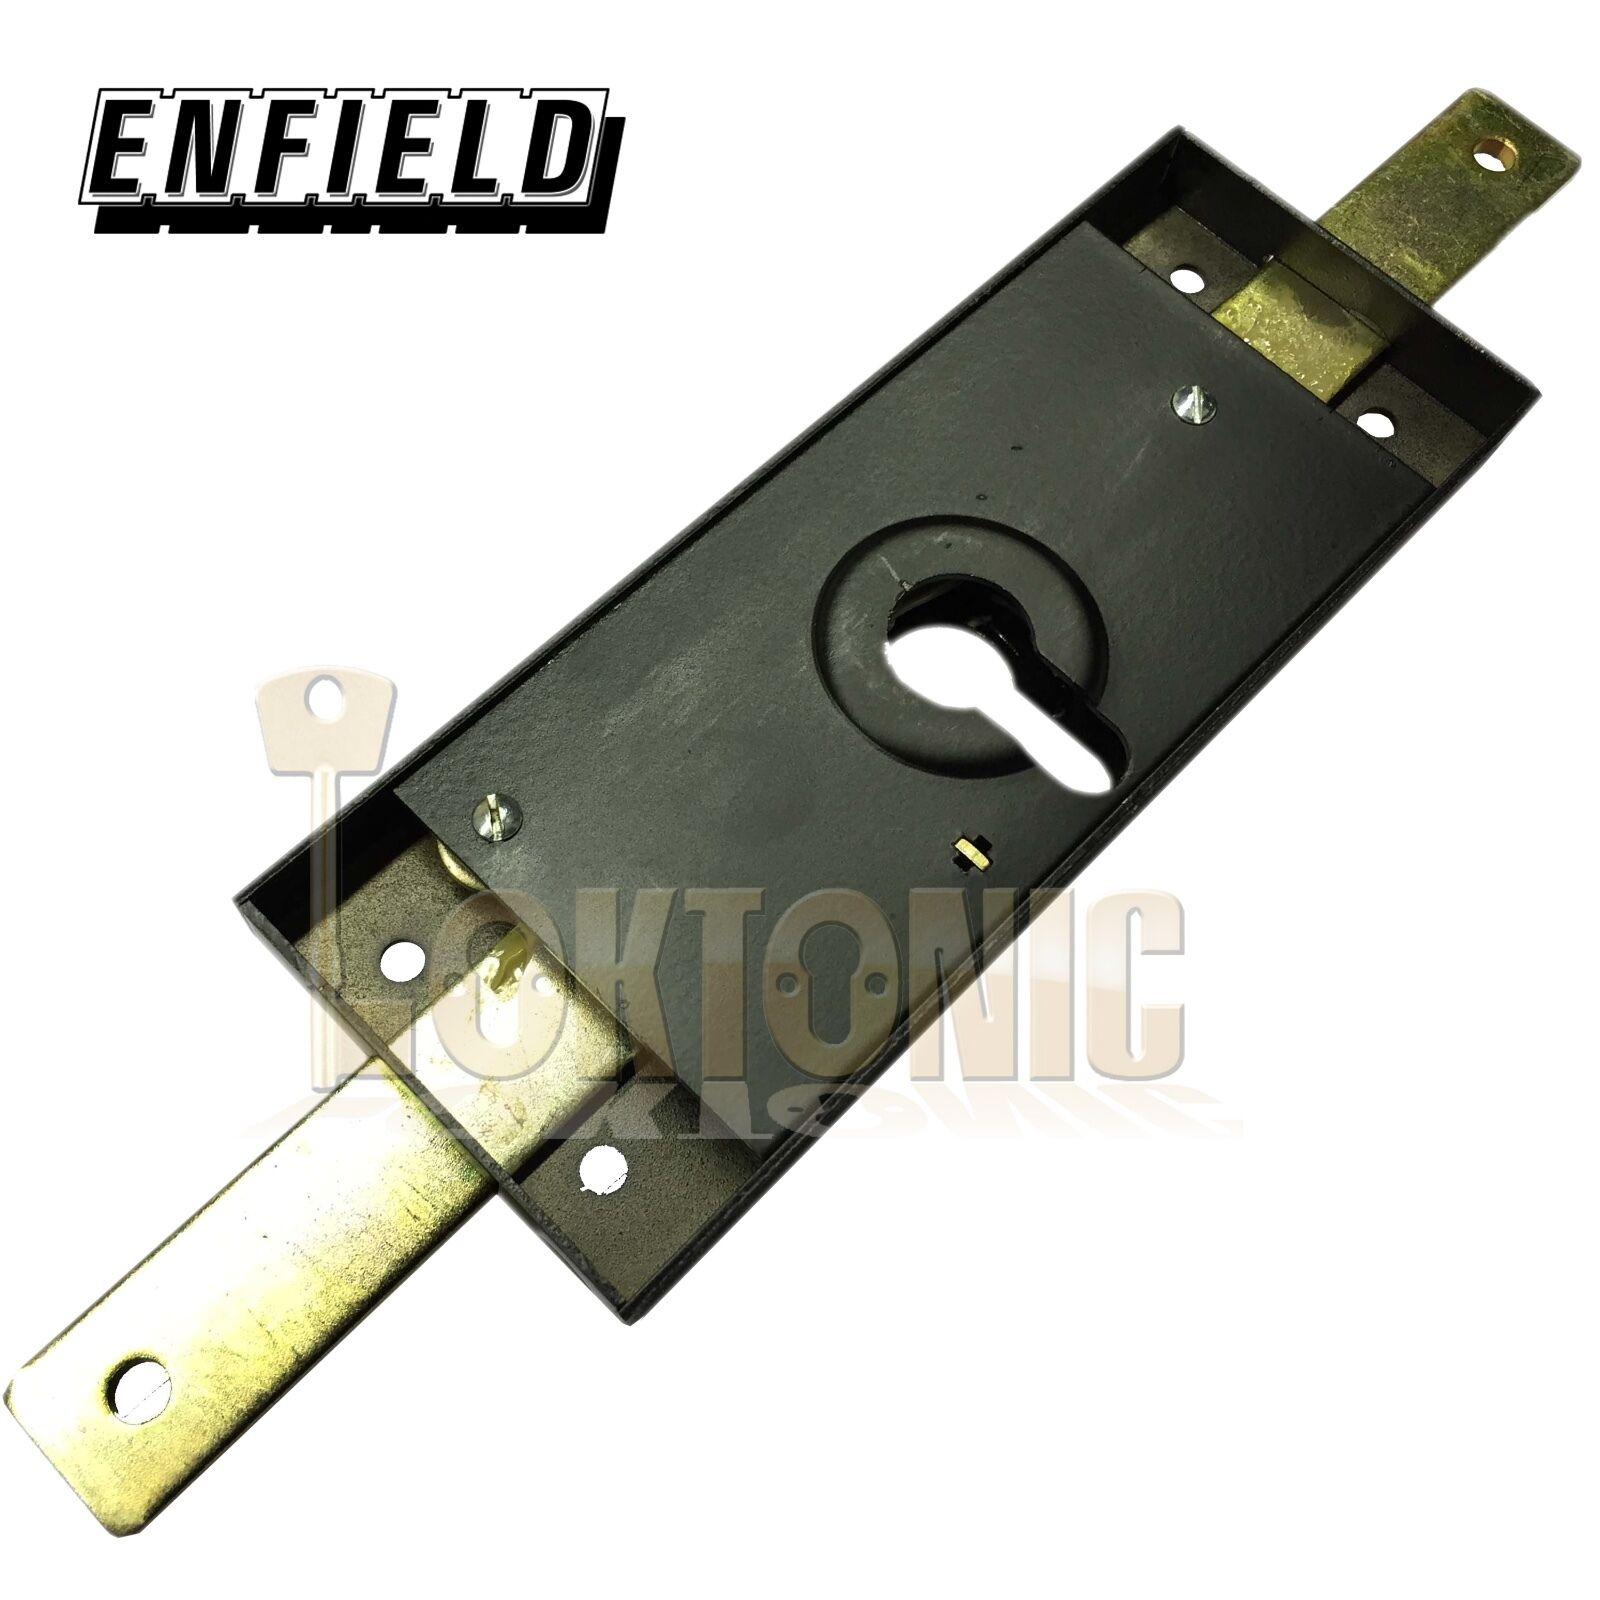 Enfield euro Resistente Centro De Persiana Cerradura de puerta de garaje hecho en España